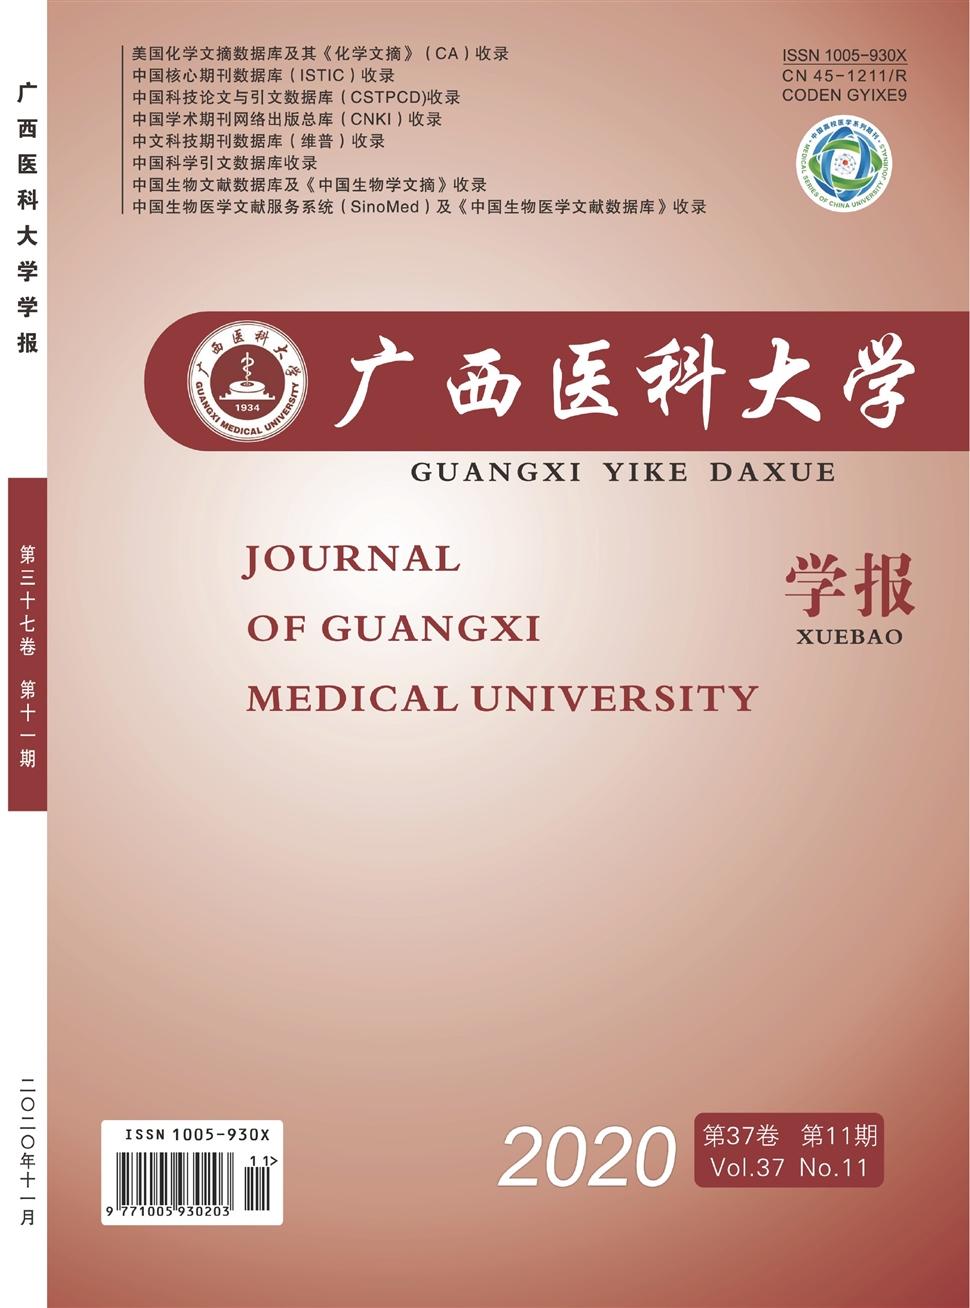 《广西医科大学学报》